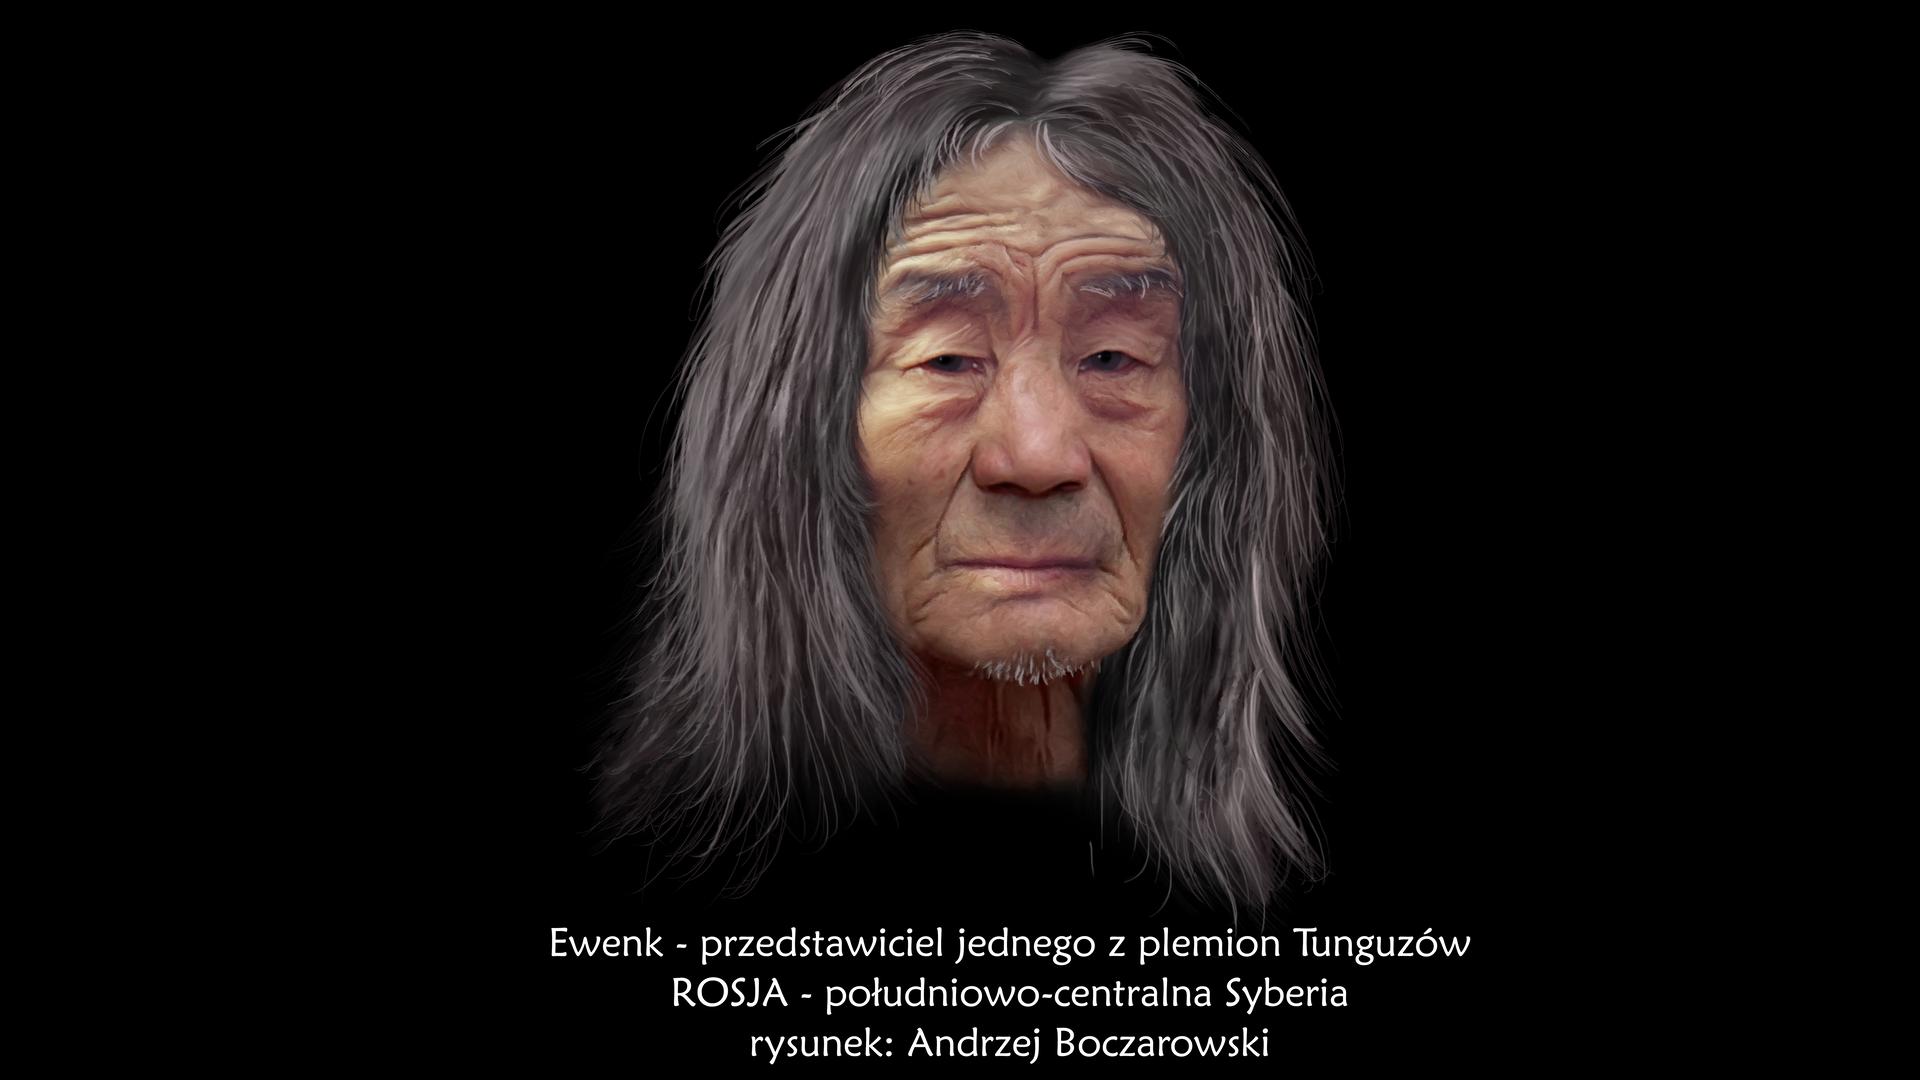 Ilustracja prezentuje portret Ewenka. Jest to, starszy mężczyzna ojasnej karnacji, pociągłej płaskiej twarzy, krótkim czole ze zmarszczkami oraz długich czarnych włosach zpasmami włosów siwych.